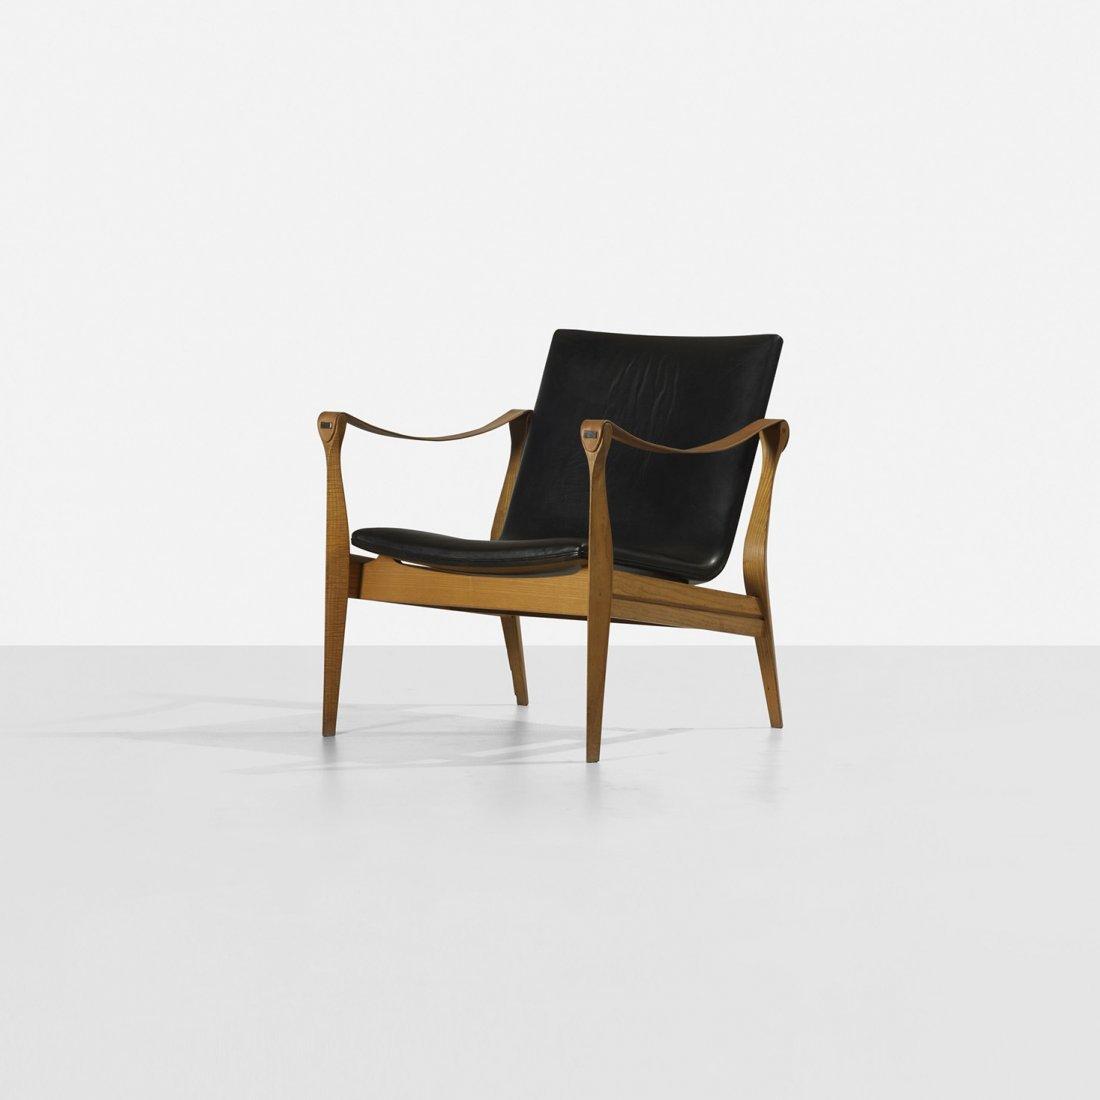 241: Karen and Ebbe Clemmensen lounge chair, model 4305